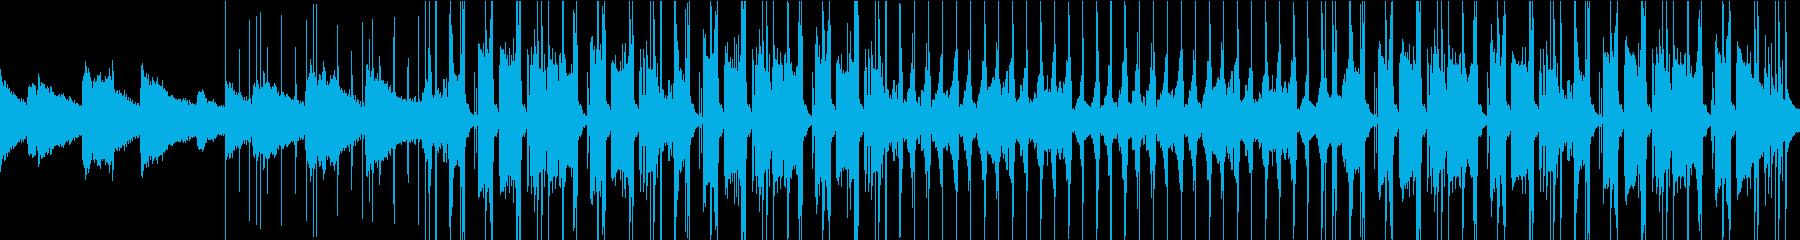 悲しいLofi Chill Hiphopの再生済みの波形